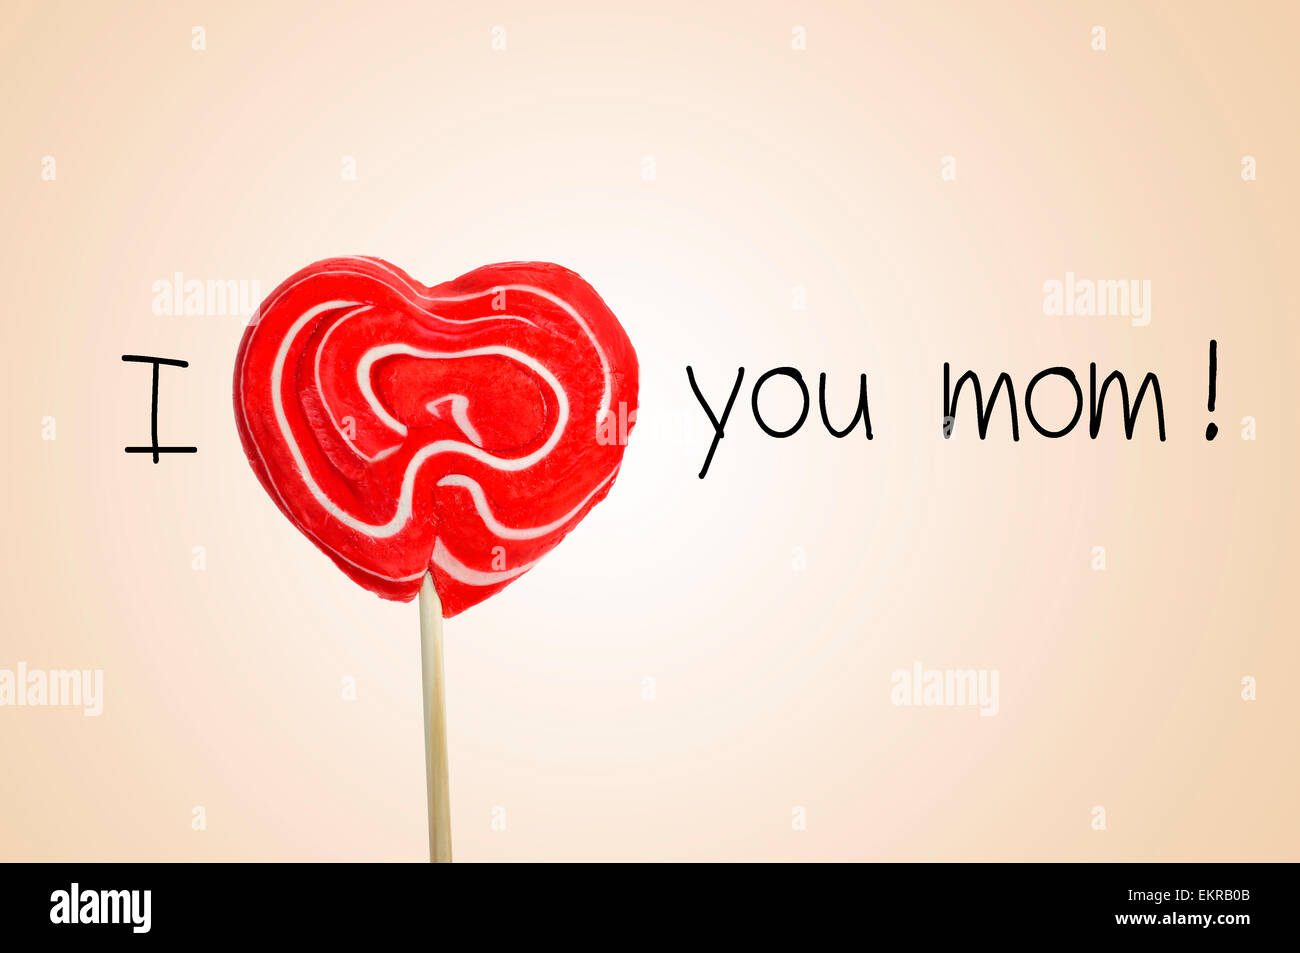 La Frase I Love You Mom Con Una Piruleta En Forma De Corazon Rojo En